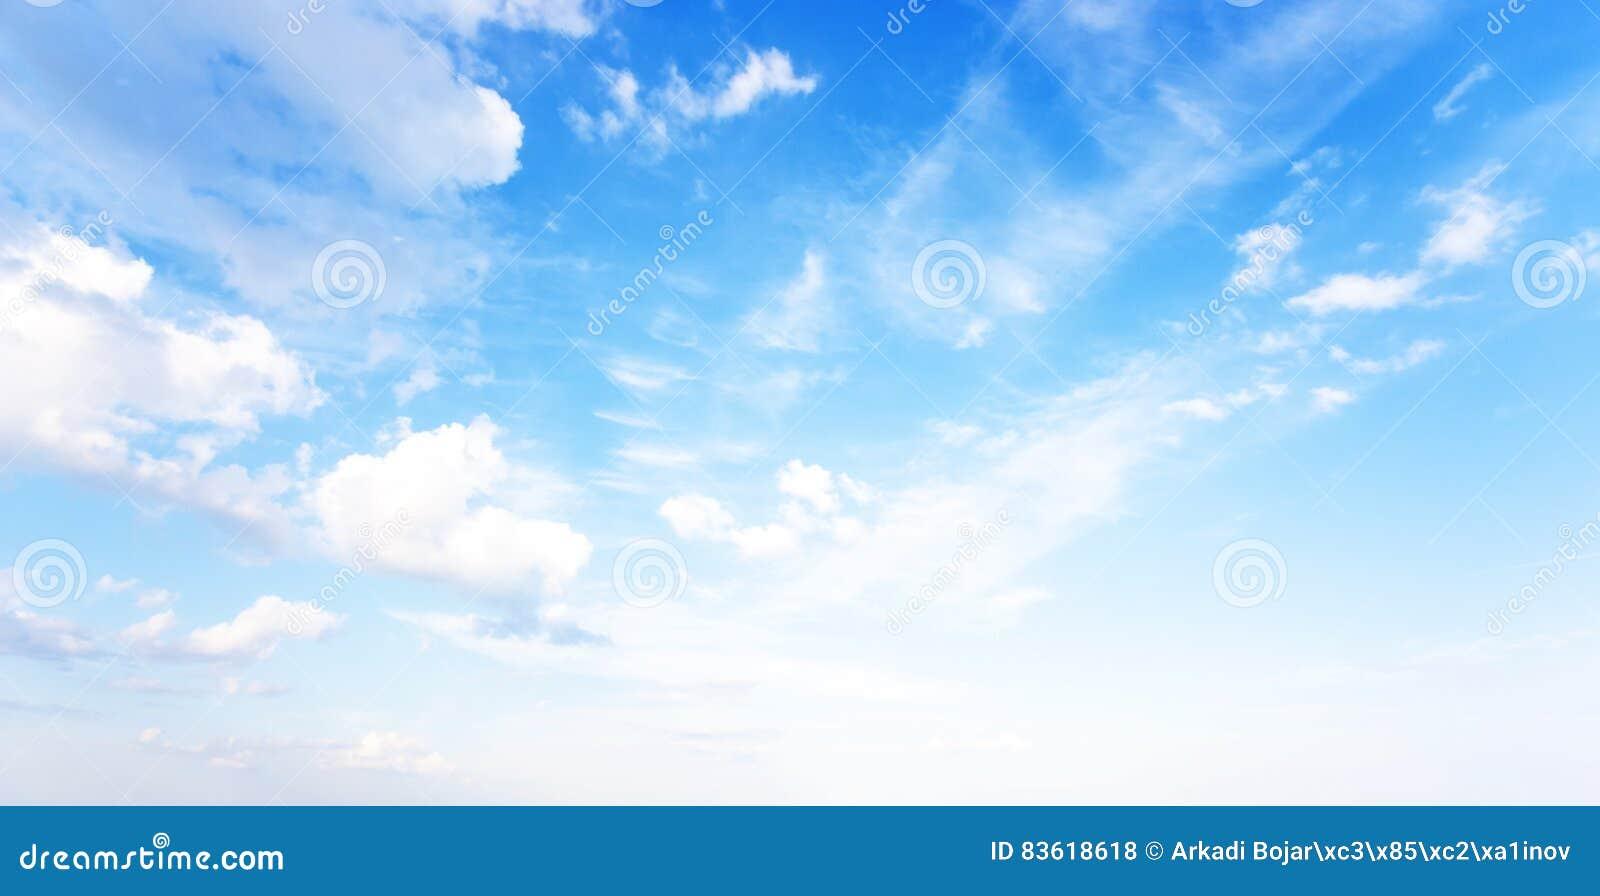 Natürliche Fahne des blauen Himmels